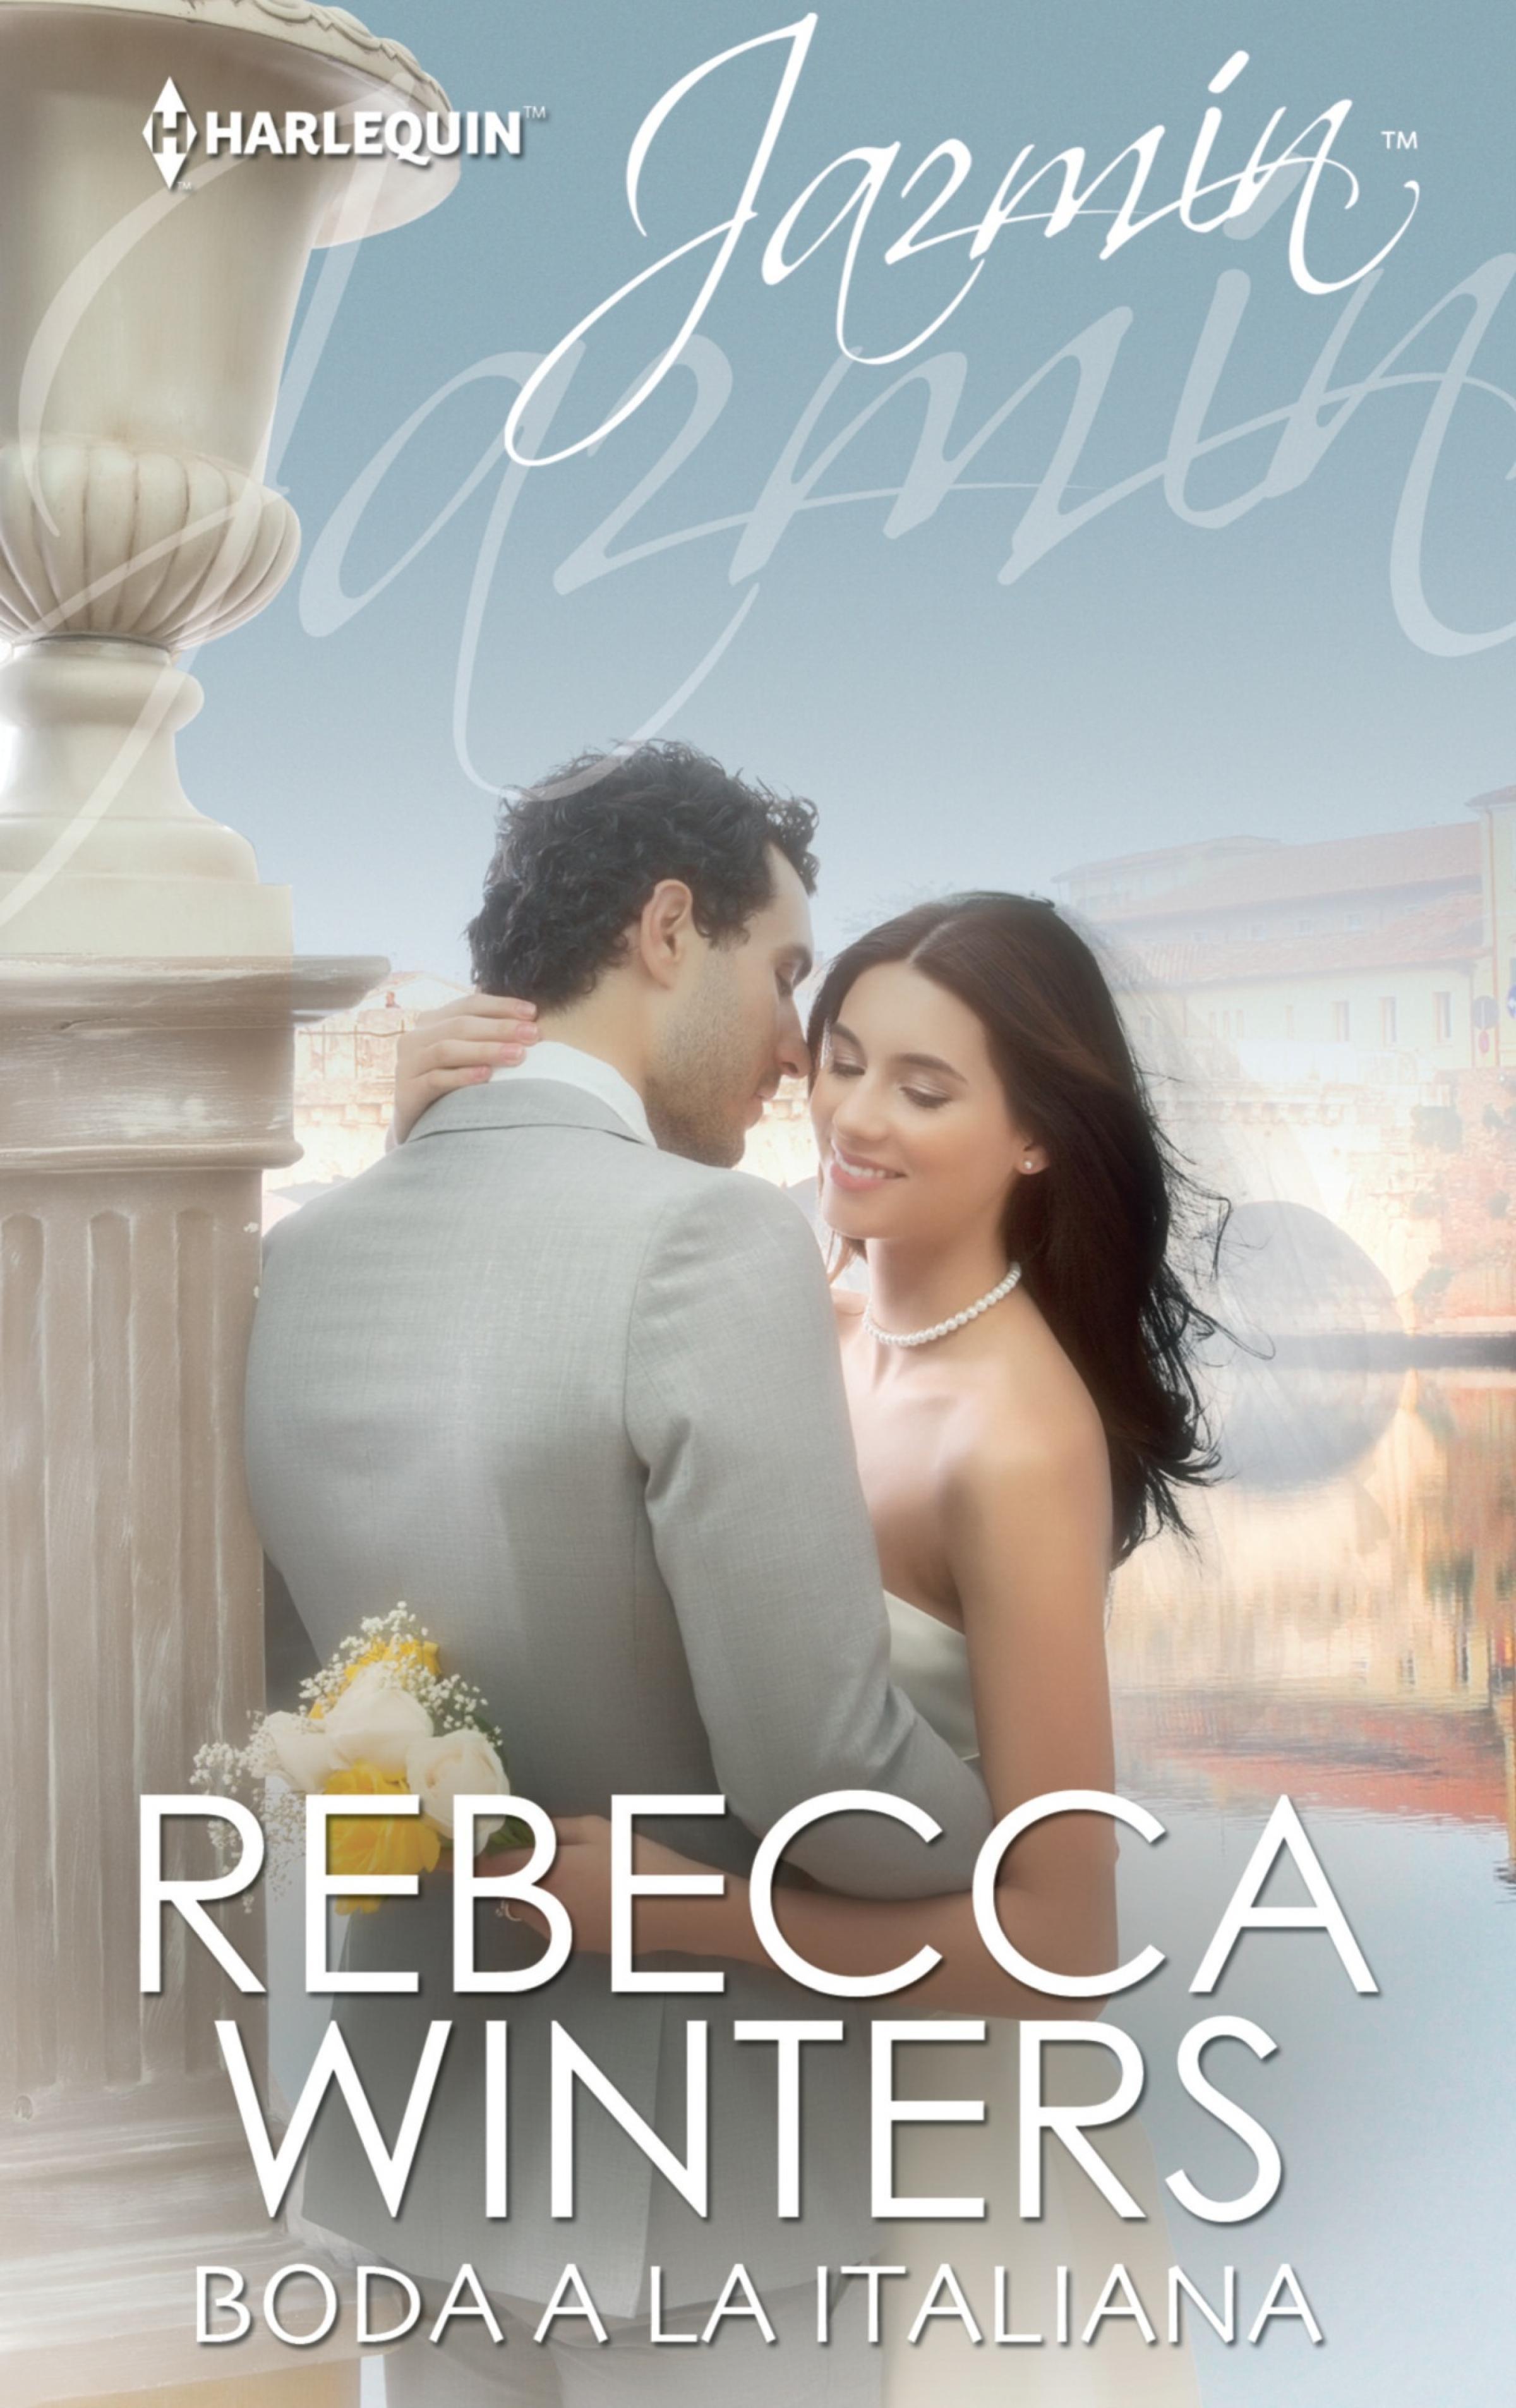 Rebecca Winters Boda a la italiana